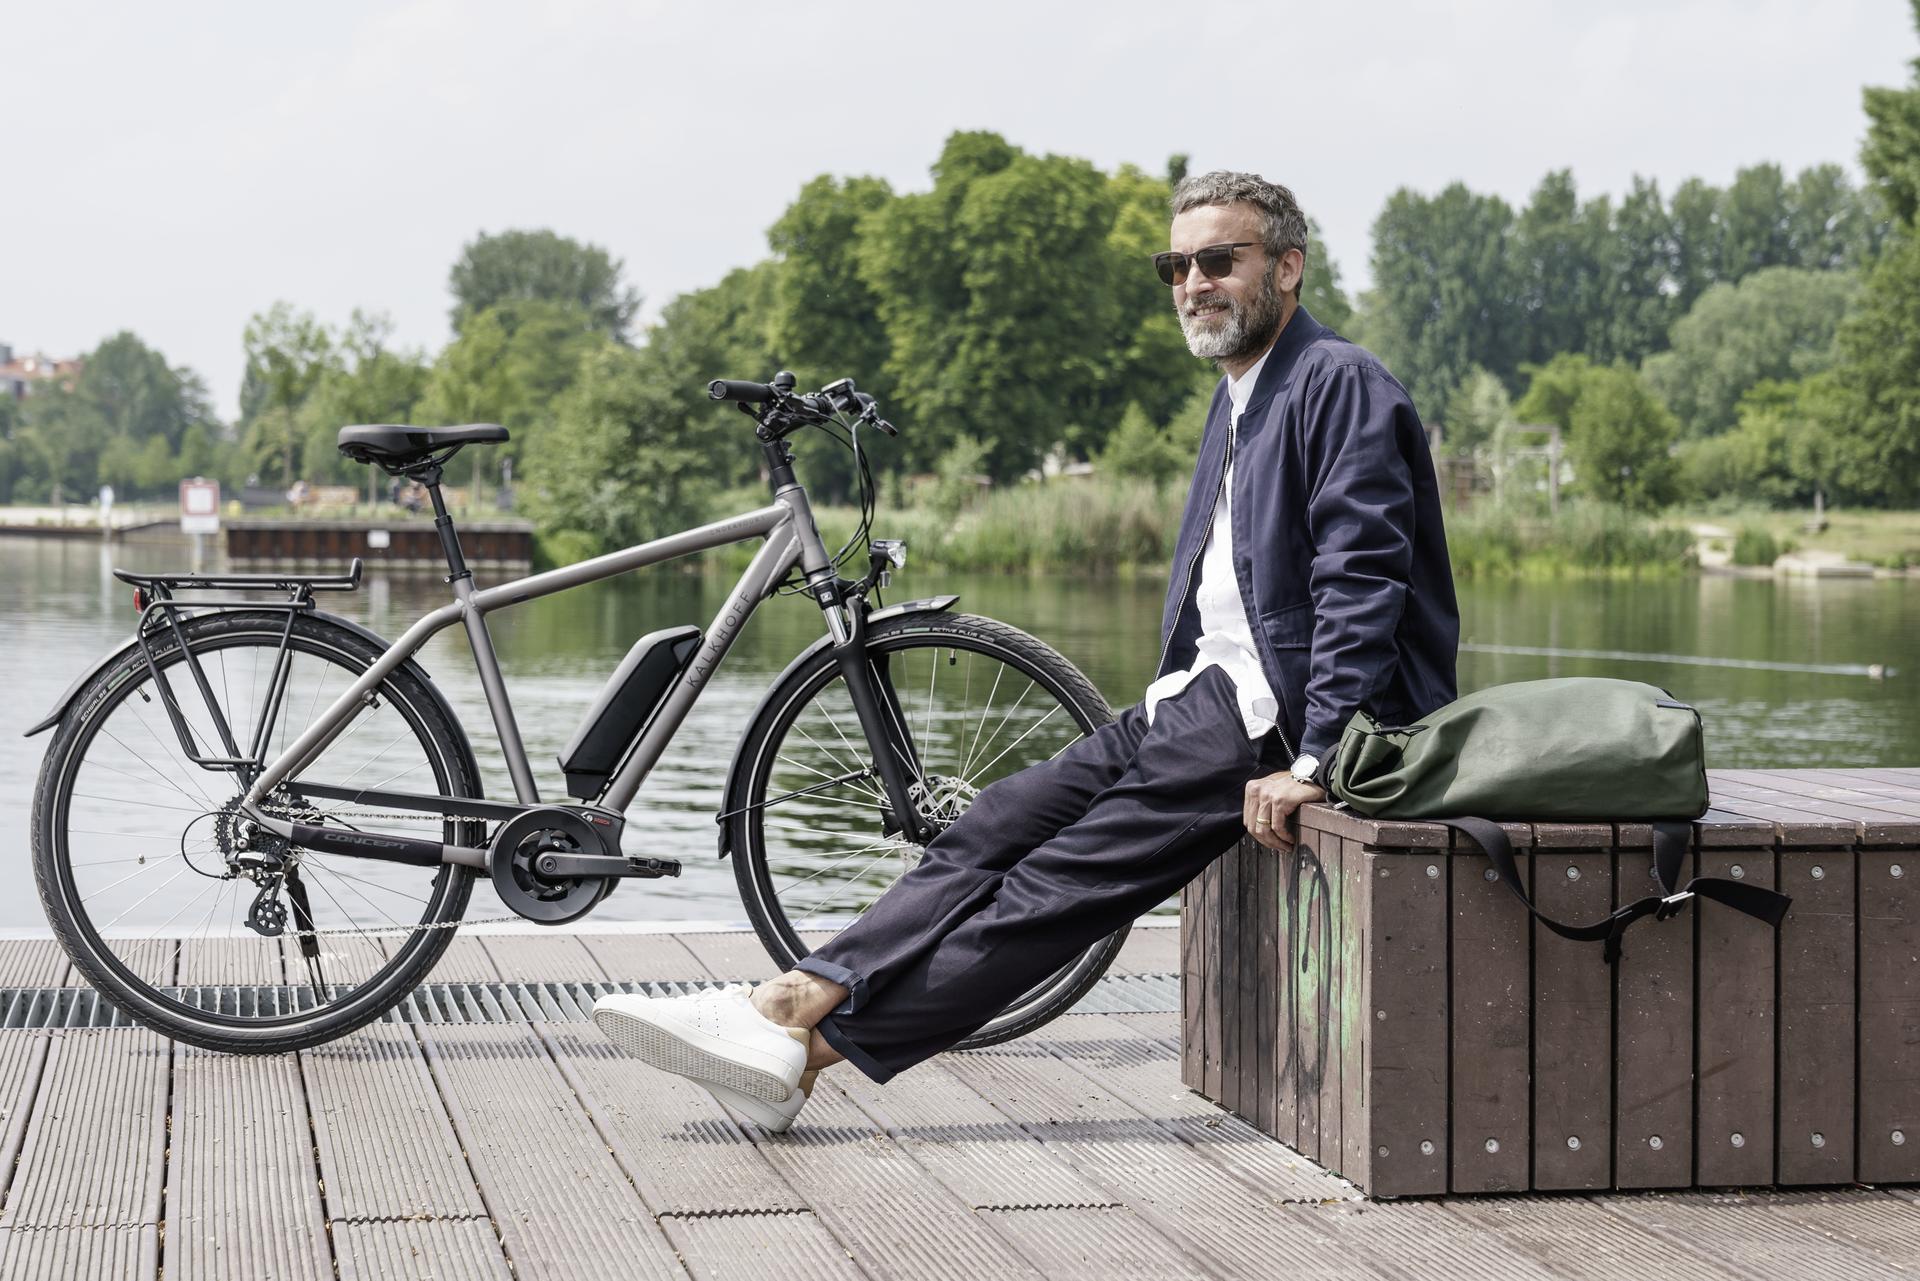 Nachhaltige Mobilität – so steigen Unternehmen auf's Rad um